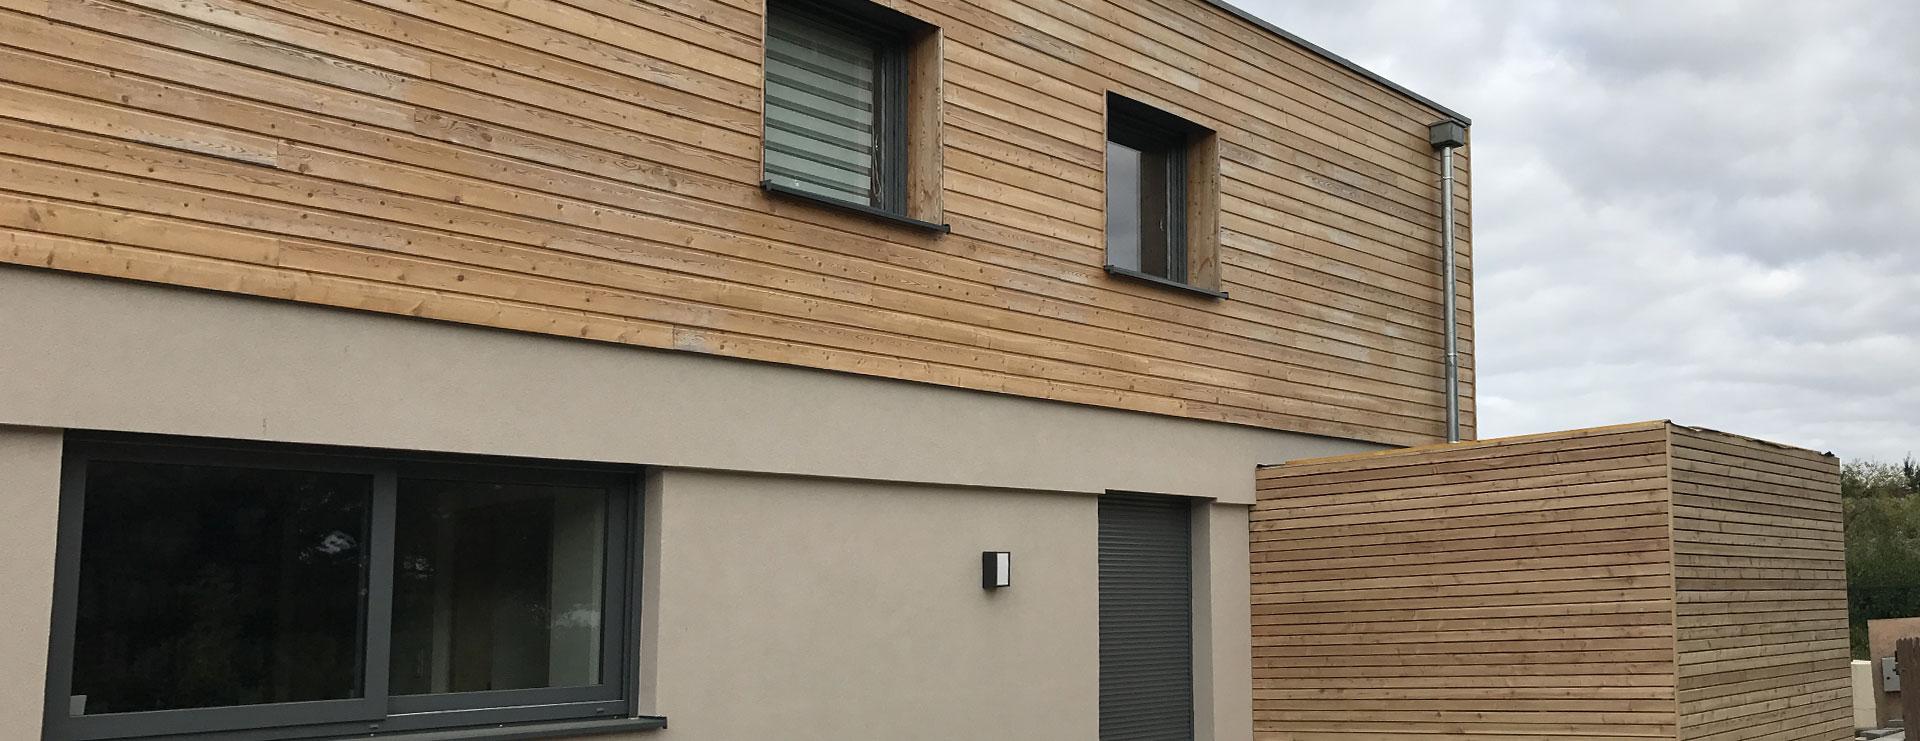 Vente et pose de menuiseries bois, PVC et aluminiumà Colmar Alsace Fen u00eatres # Vente De Bois De Menuiserie